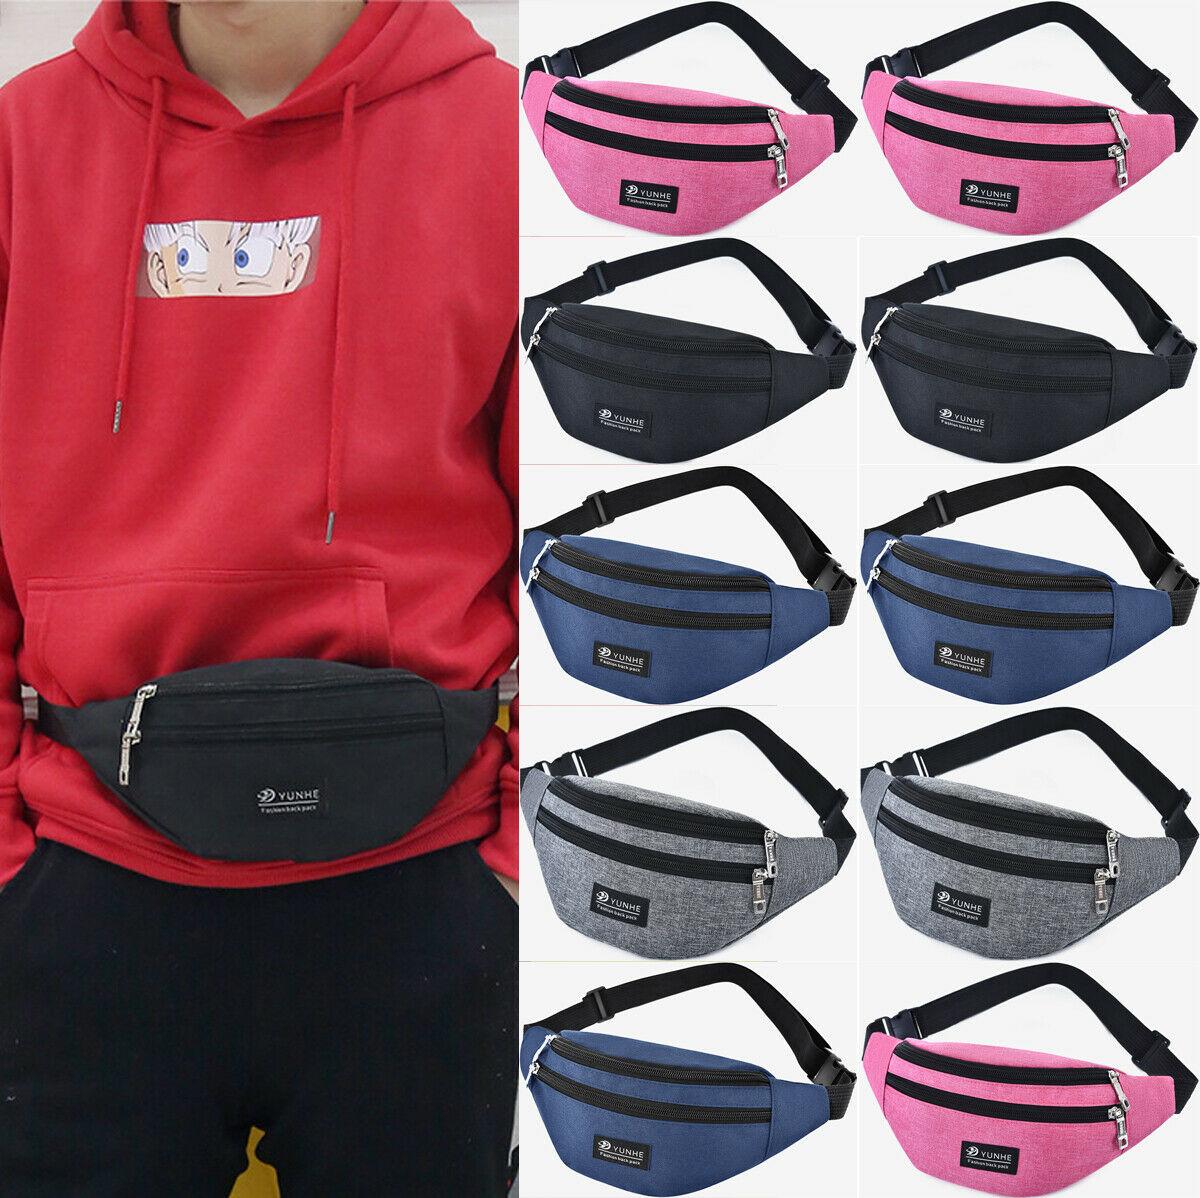 UK Men Women Waist Fanny Pack Sport Travel Belt Zipper Waist Bag Crossbody Bag